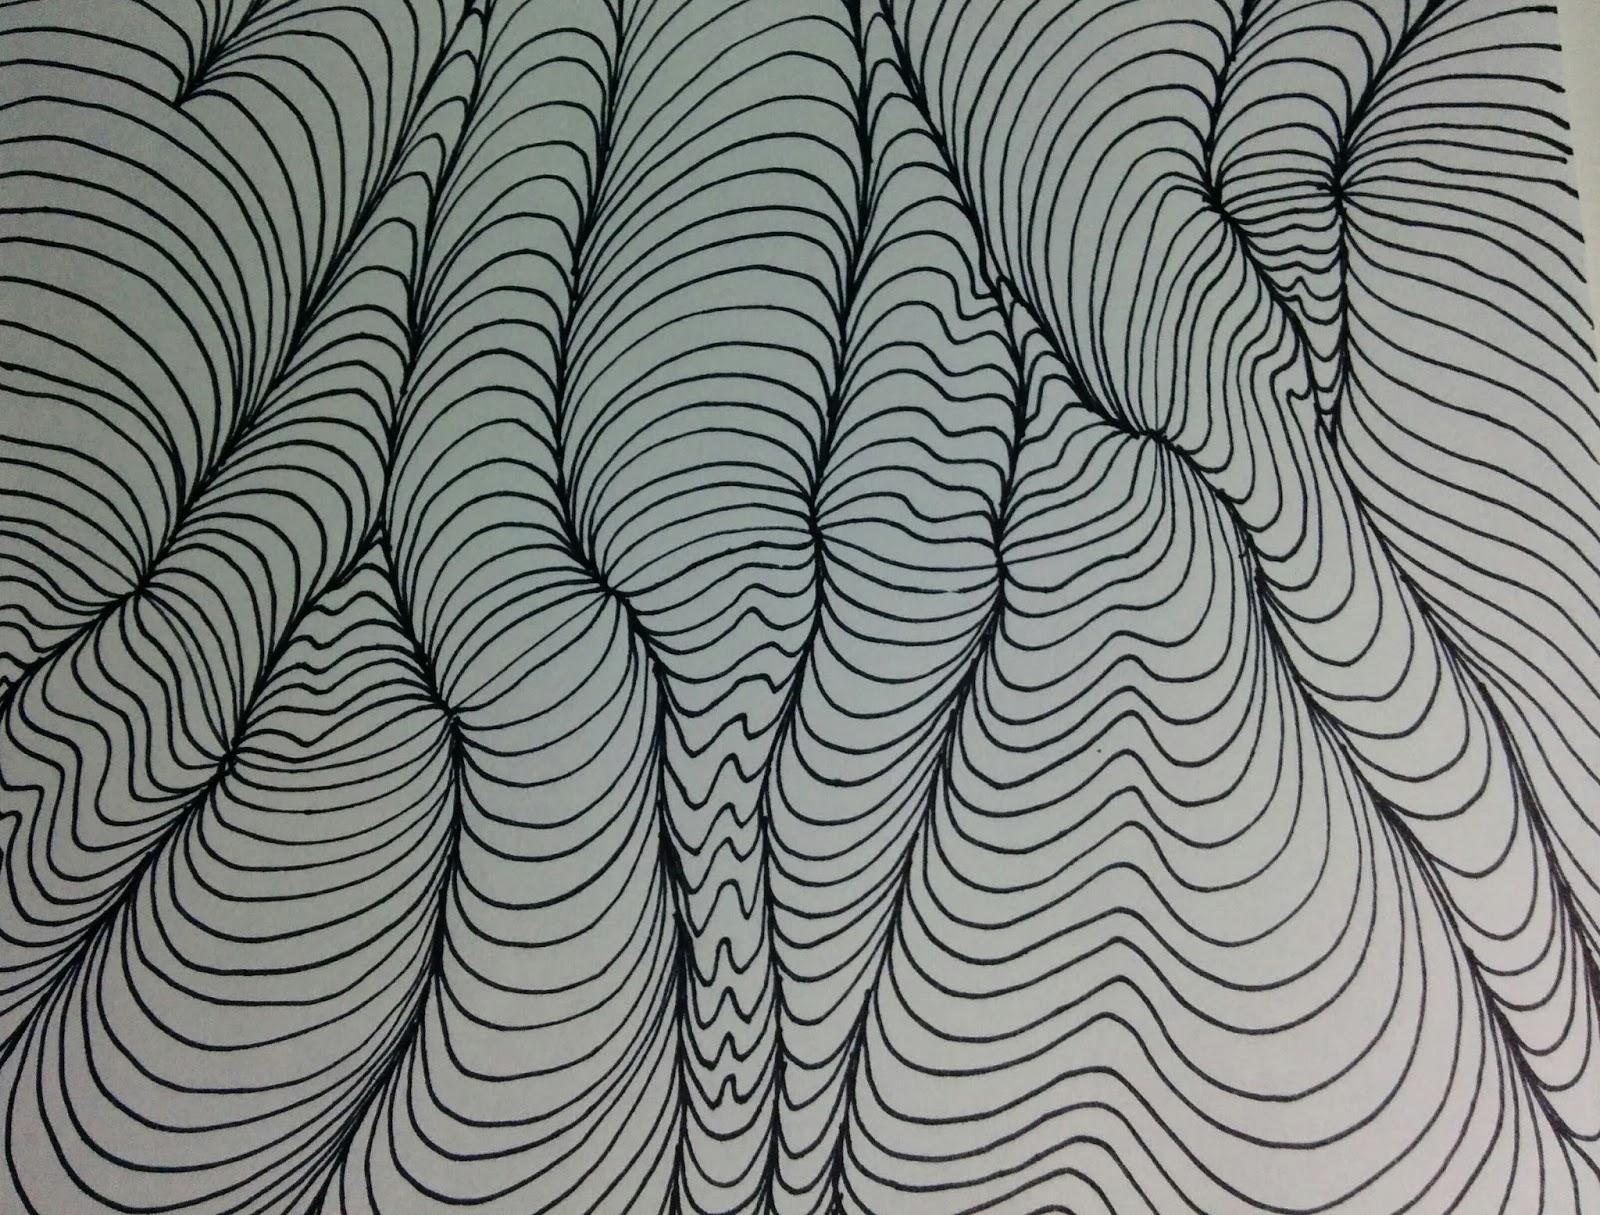 Line Art Photo Tutorial : Susie qute: simple pleasures: line art tutorial